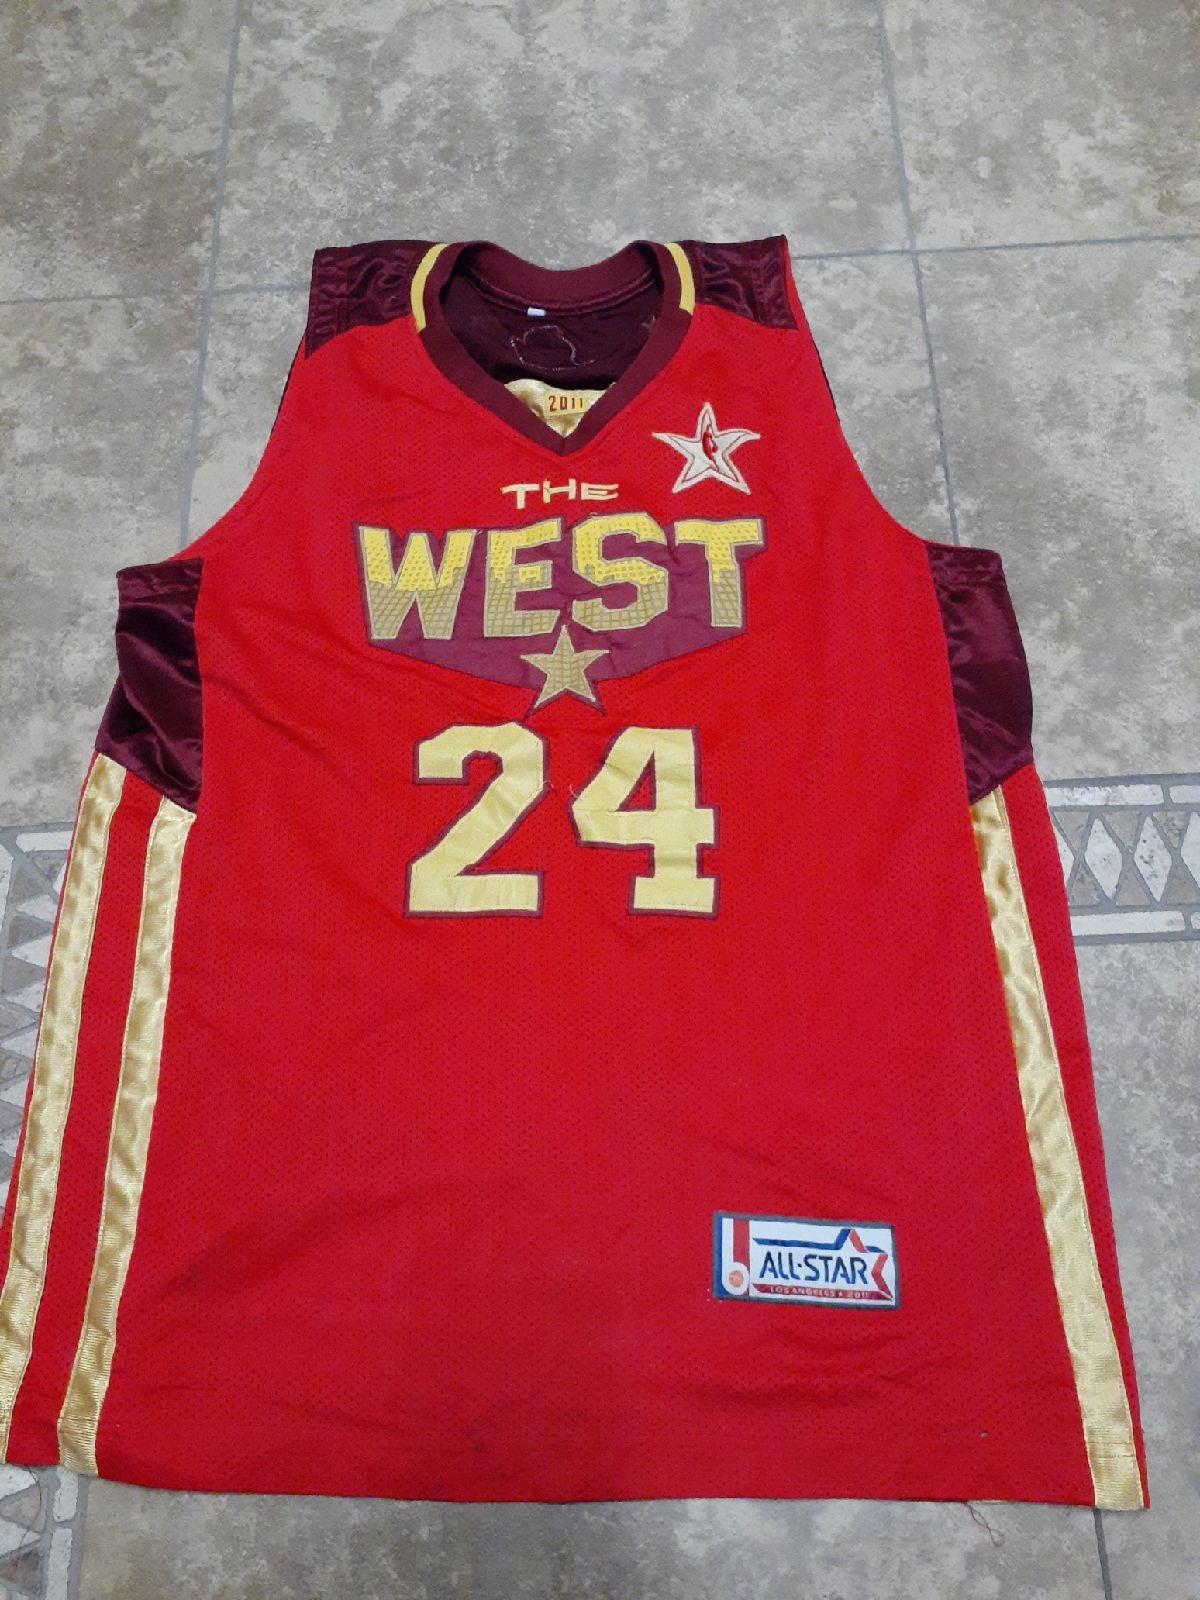 All Star basketball Jersey Mens XL